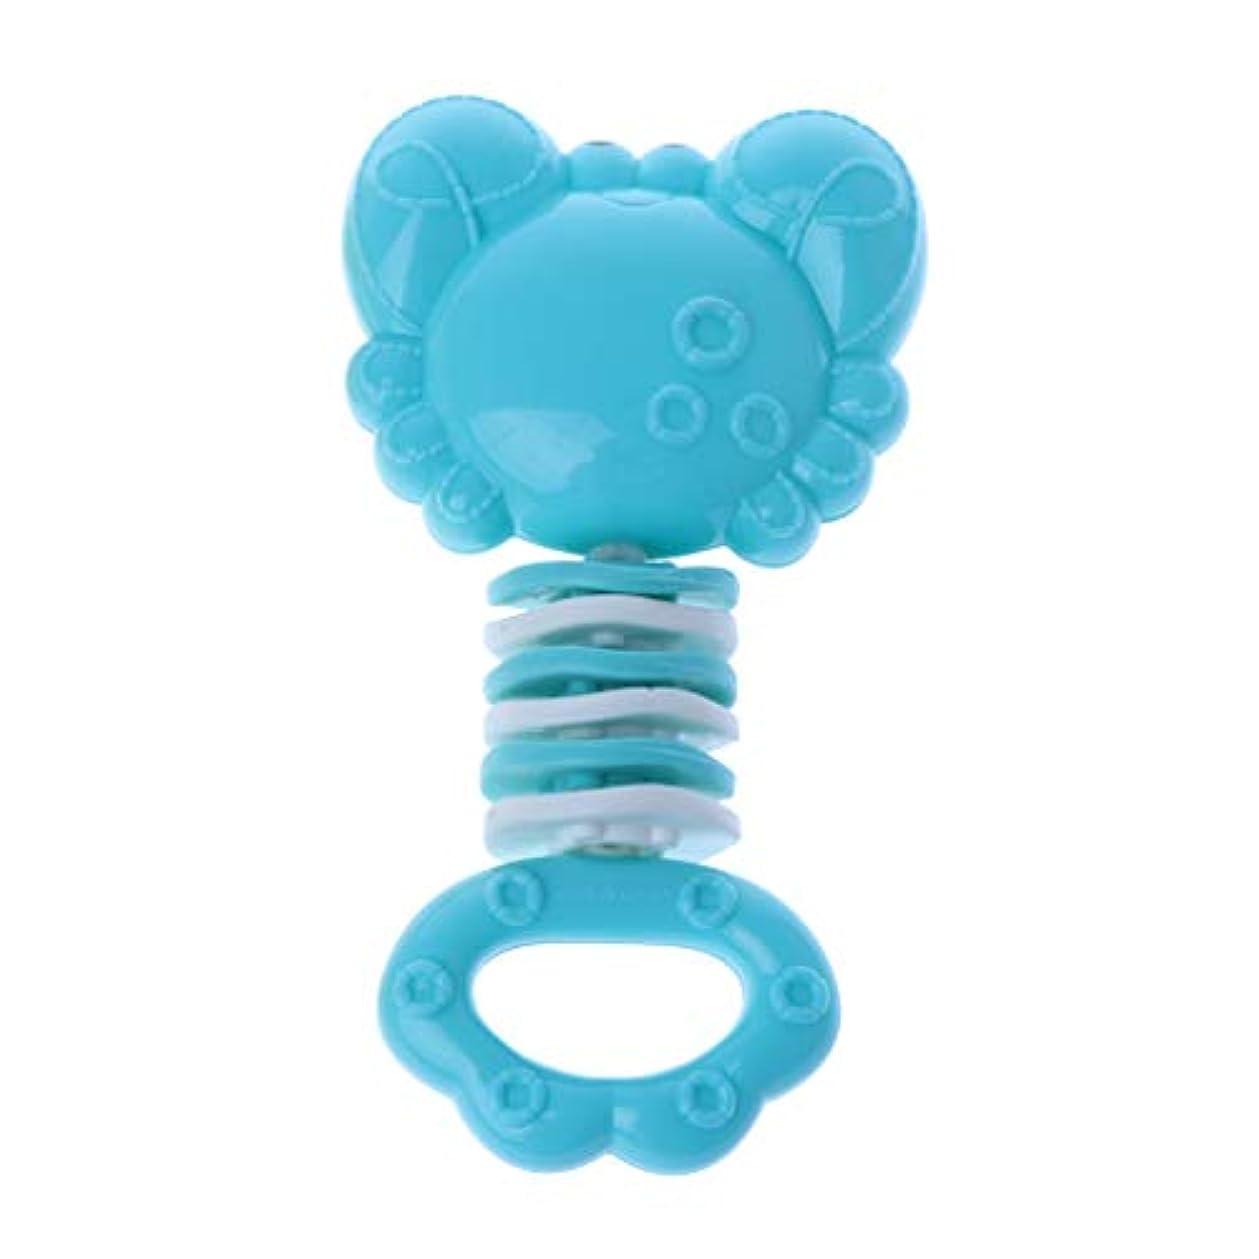 死にかけている手がかり乱暴なLanddumシリコーン歯が生える癒しのおもちゃ赤ちゃんのおしゃぶりスティック固体の歯の赤ちゃんのガラガラのおしゃぶり玩具グッタ臼歯バーベル - カニ